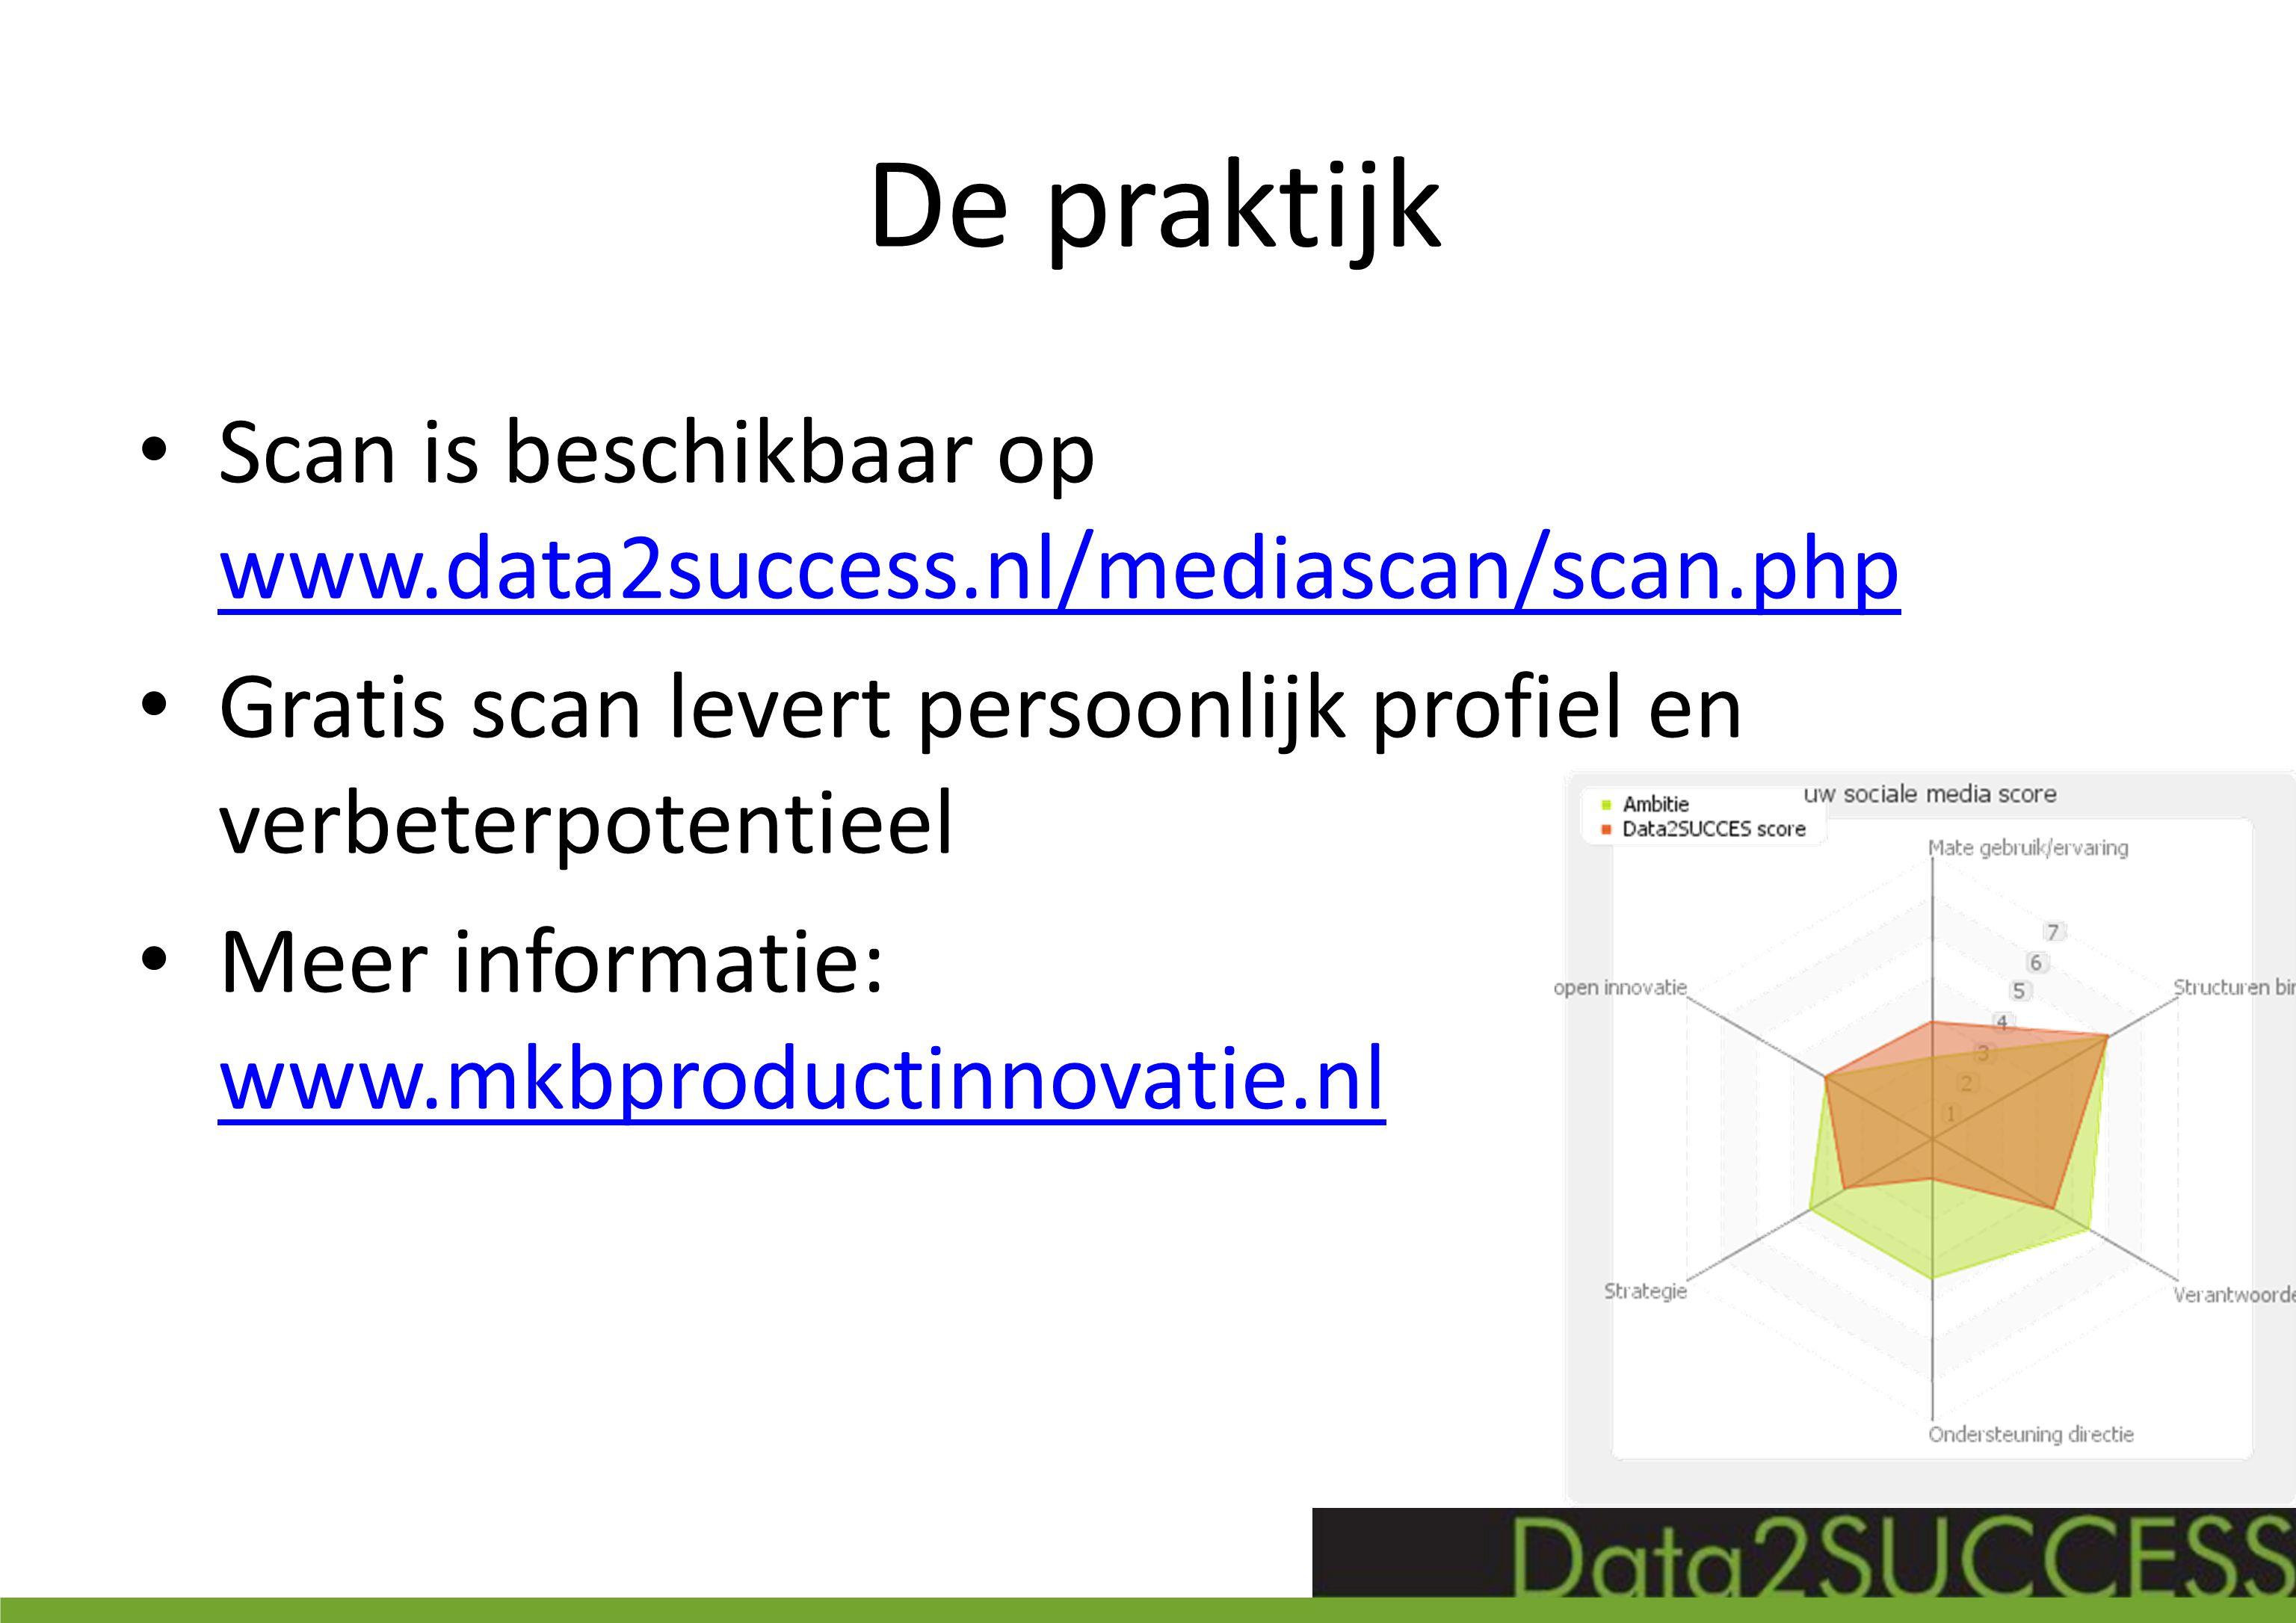 De praktijk Scan is beschikbaar op www.data2success.nl/mediascan/scan.php www.data2success.nl/mediascan/scan.php Gratis scan levert persoonlijk profiel en verbeterpotentieel Meer informatie: www.mkbproductinnovatie.nl www.mkbproductinnovatie.nl